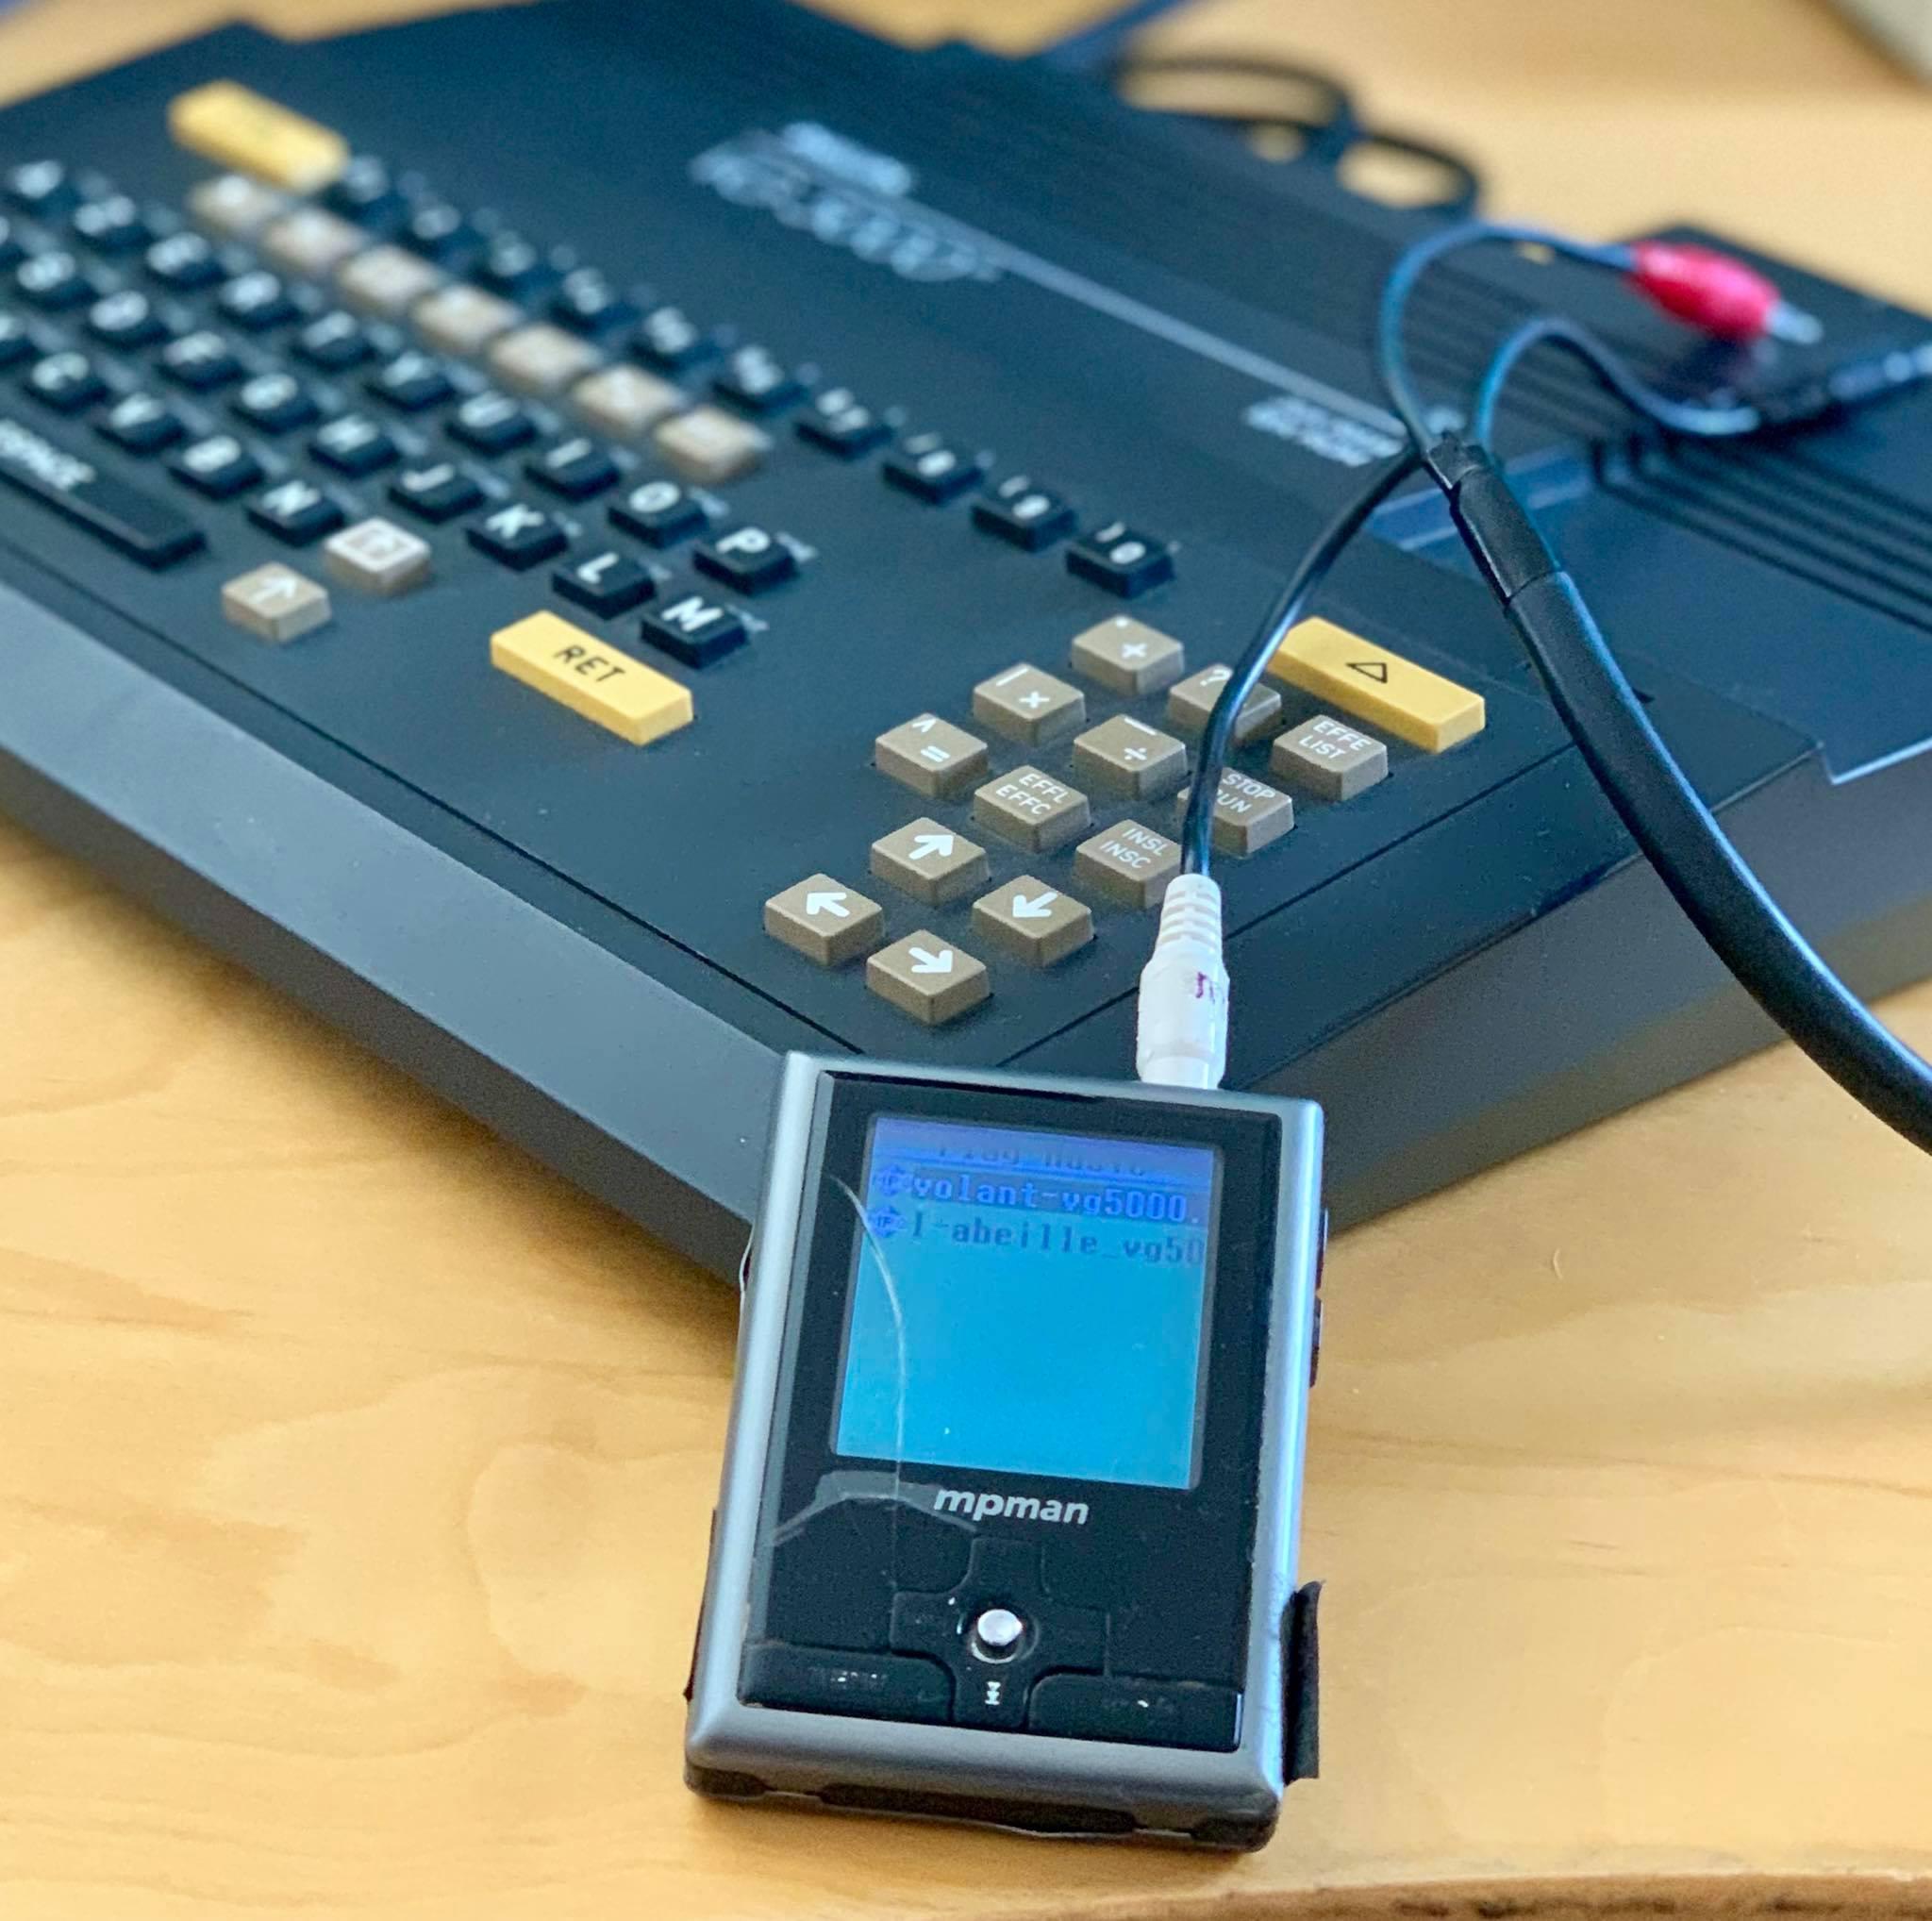 Mon VG5000 aime les MP3